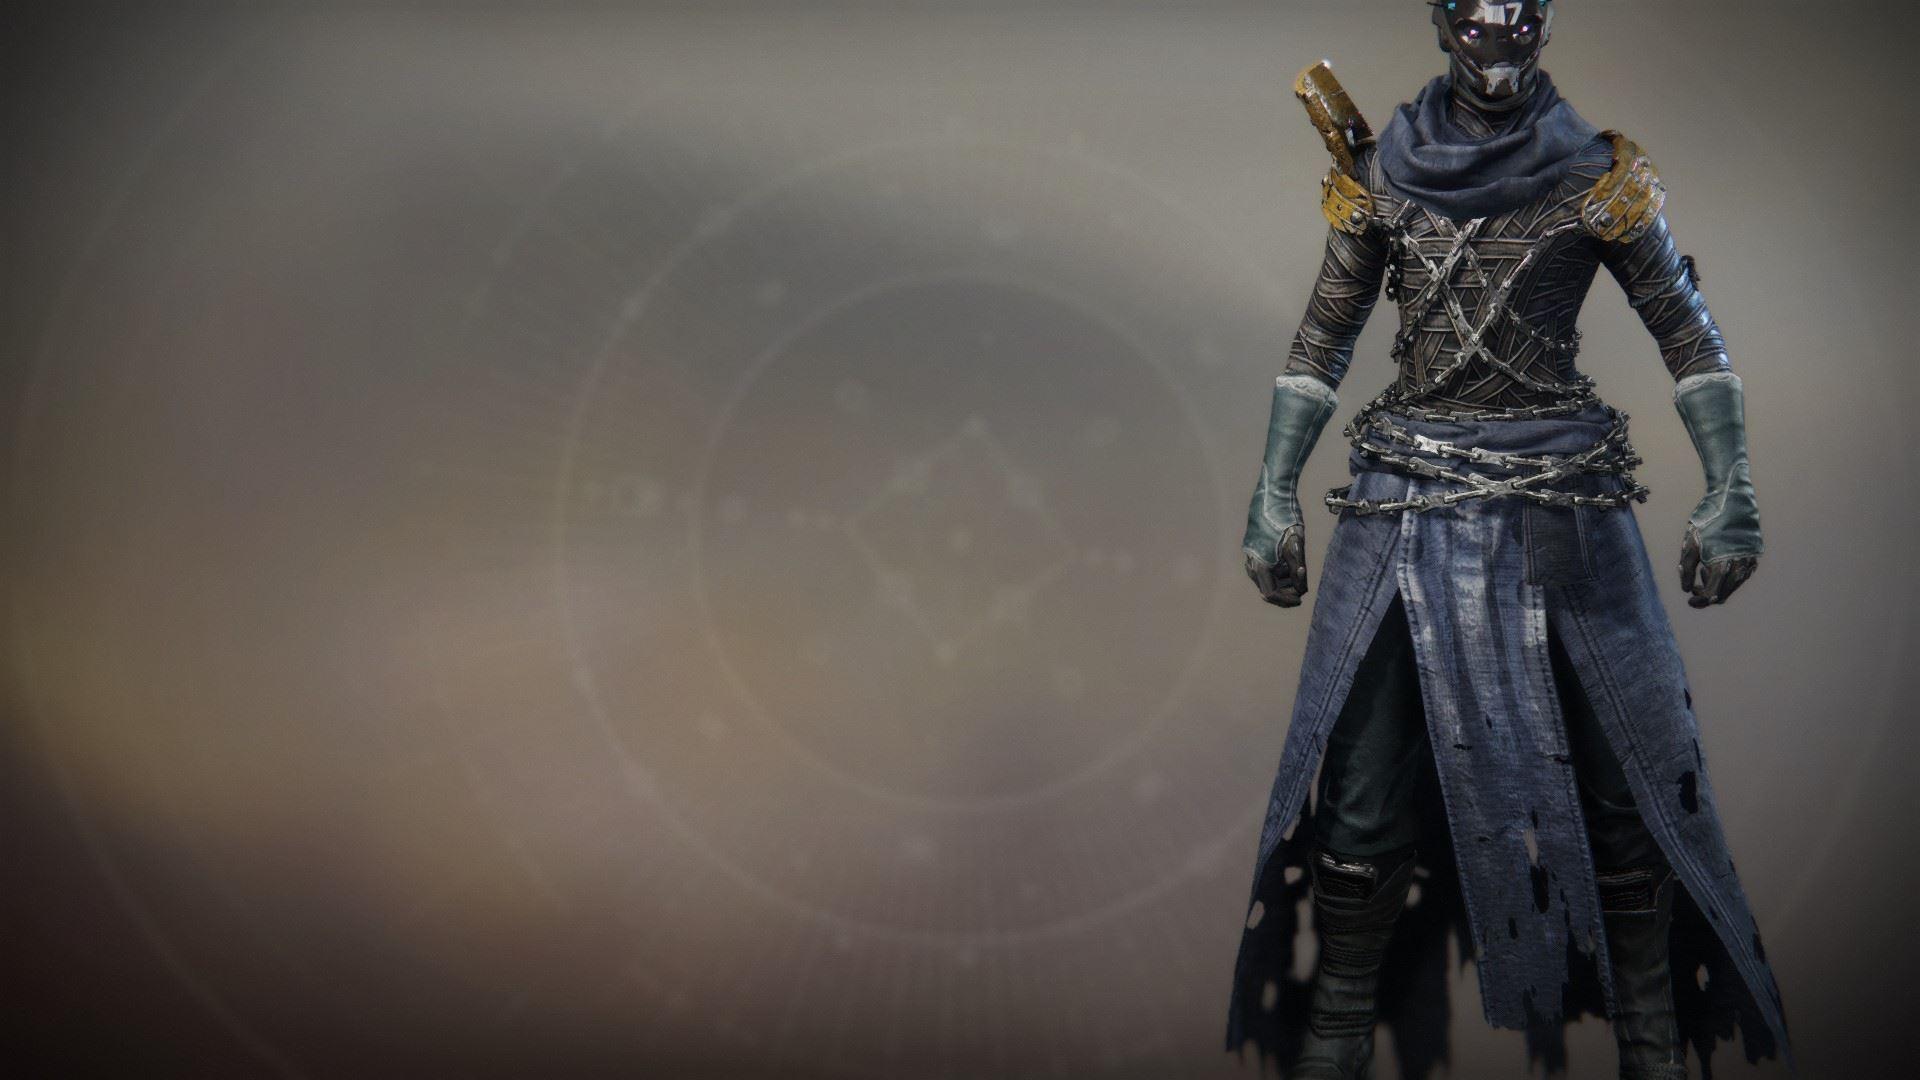 Scorned Baron Robes - Destiny 2 Legendary Chest Armor